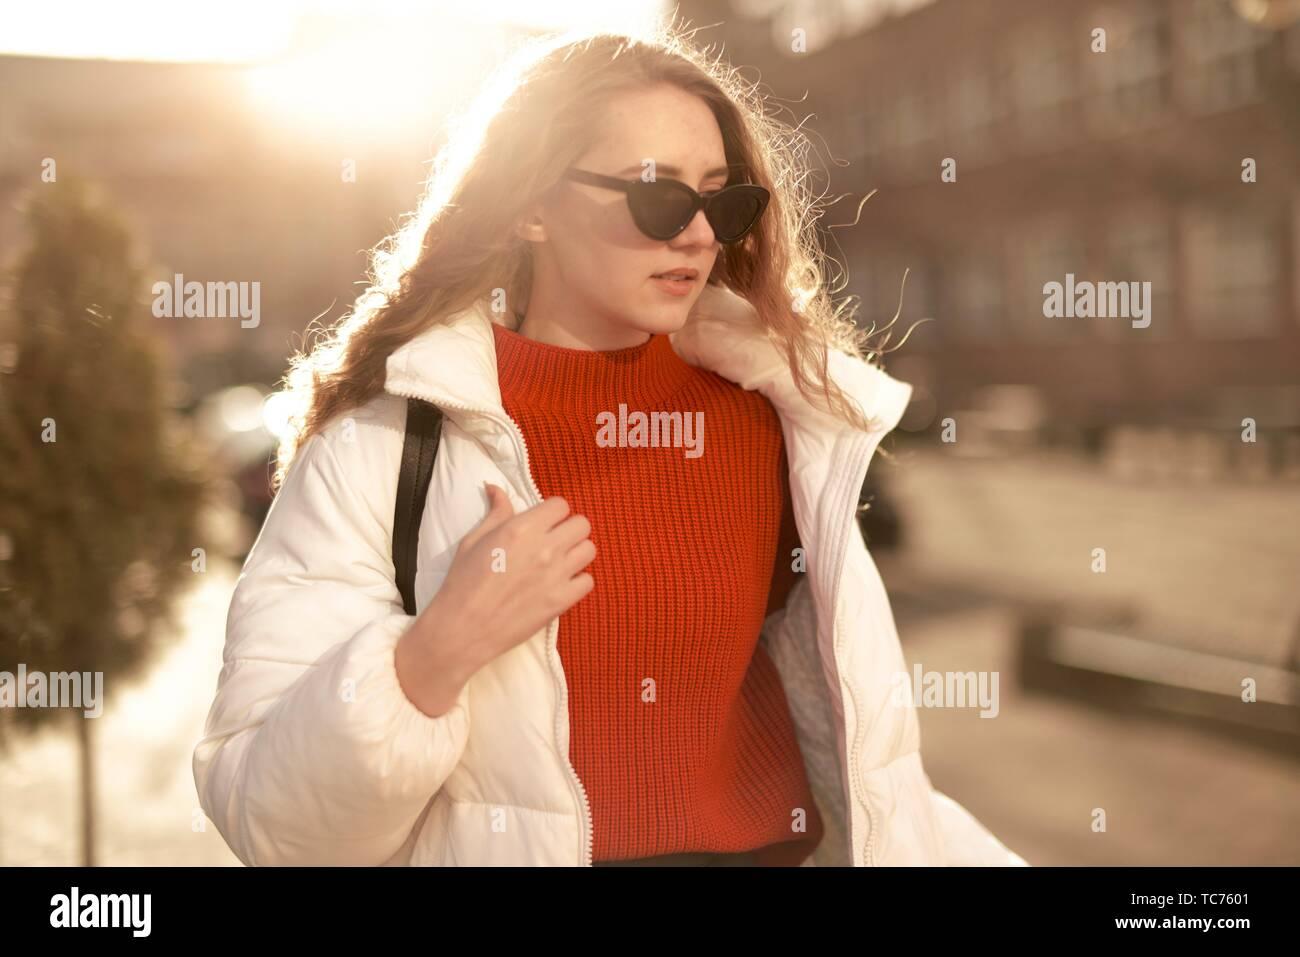 Jeune femme élégante portant des lunettes de soleil, haut du corps tourné, dans la ville de Cottbus, Brandenburg, Allemagne. Photo Stock